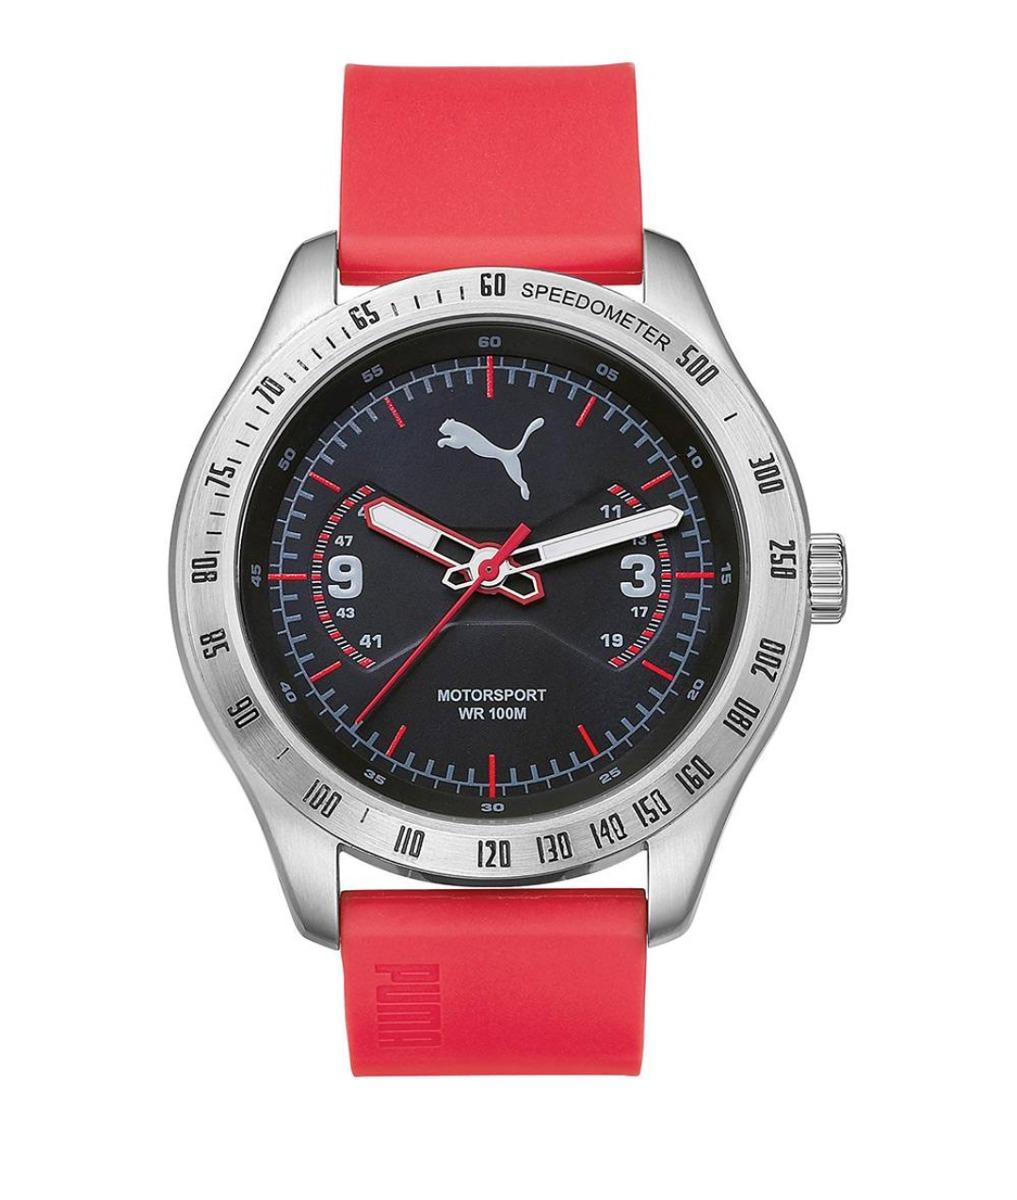 72457f9f6fa relógio masculino puma analógico esportivo moderno 10atm. Carregando zoom.